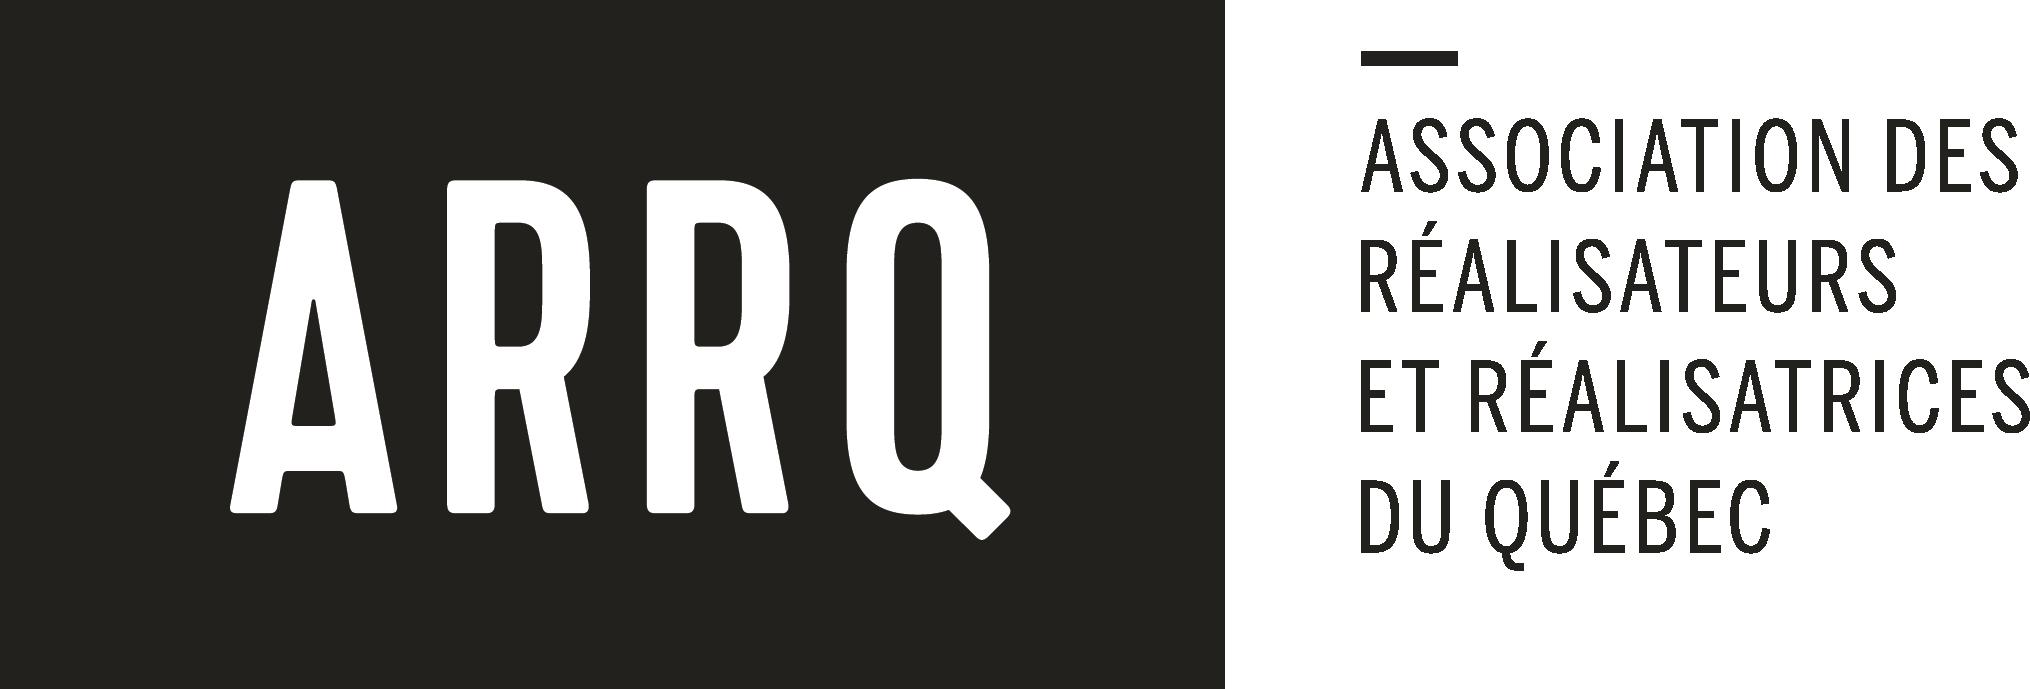 Association des Réalisateurs et Réalisatrices du Québec (ARRQ)